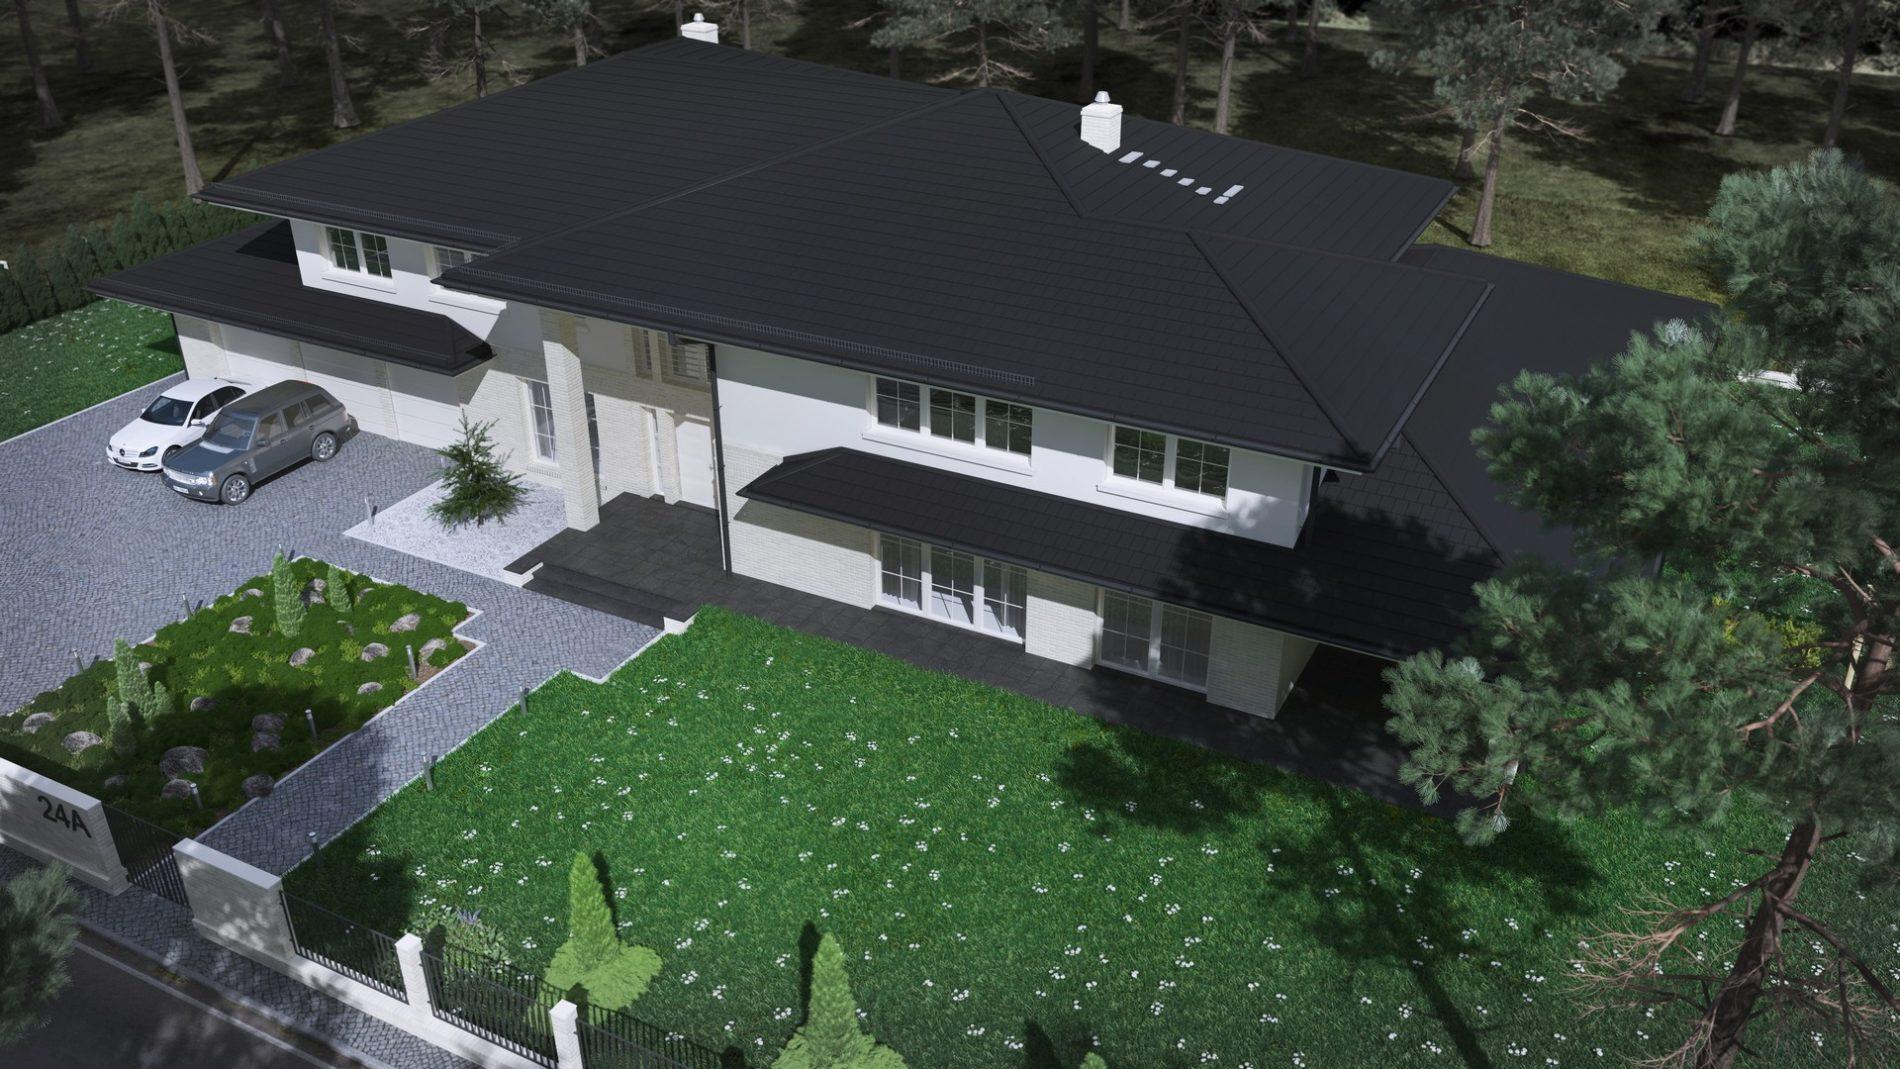 dom jednorodzinny wizualizacja projektu